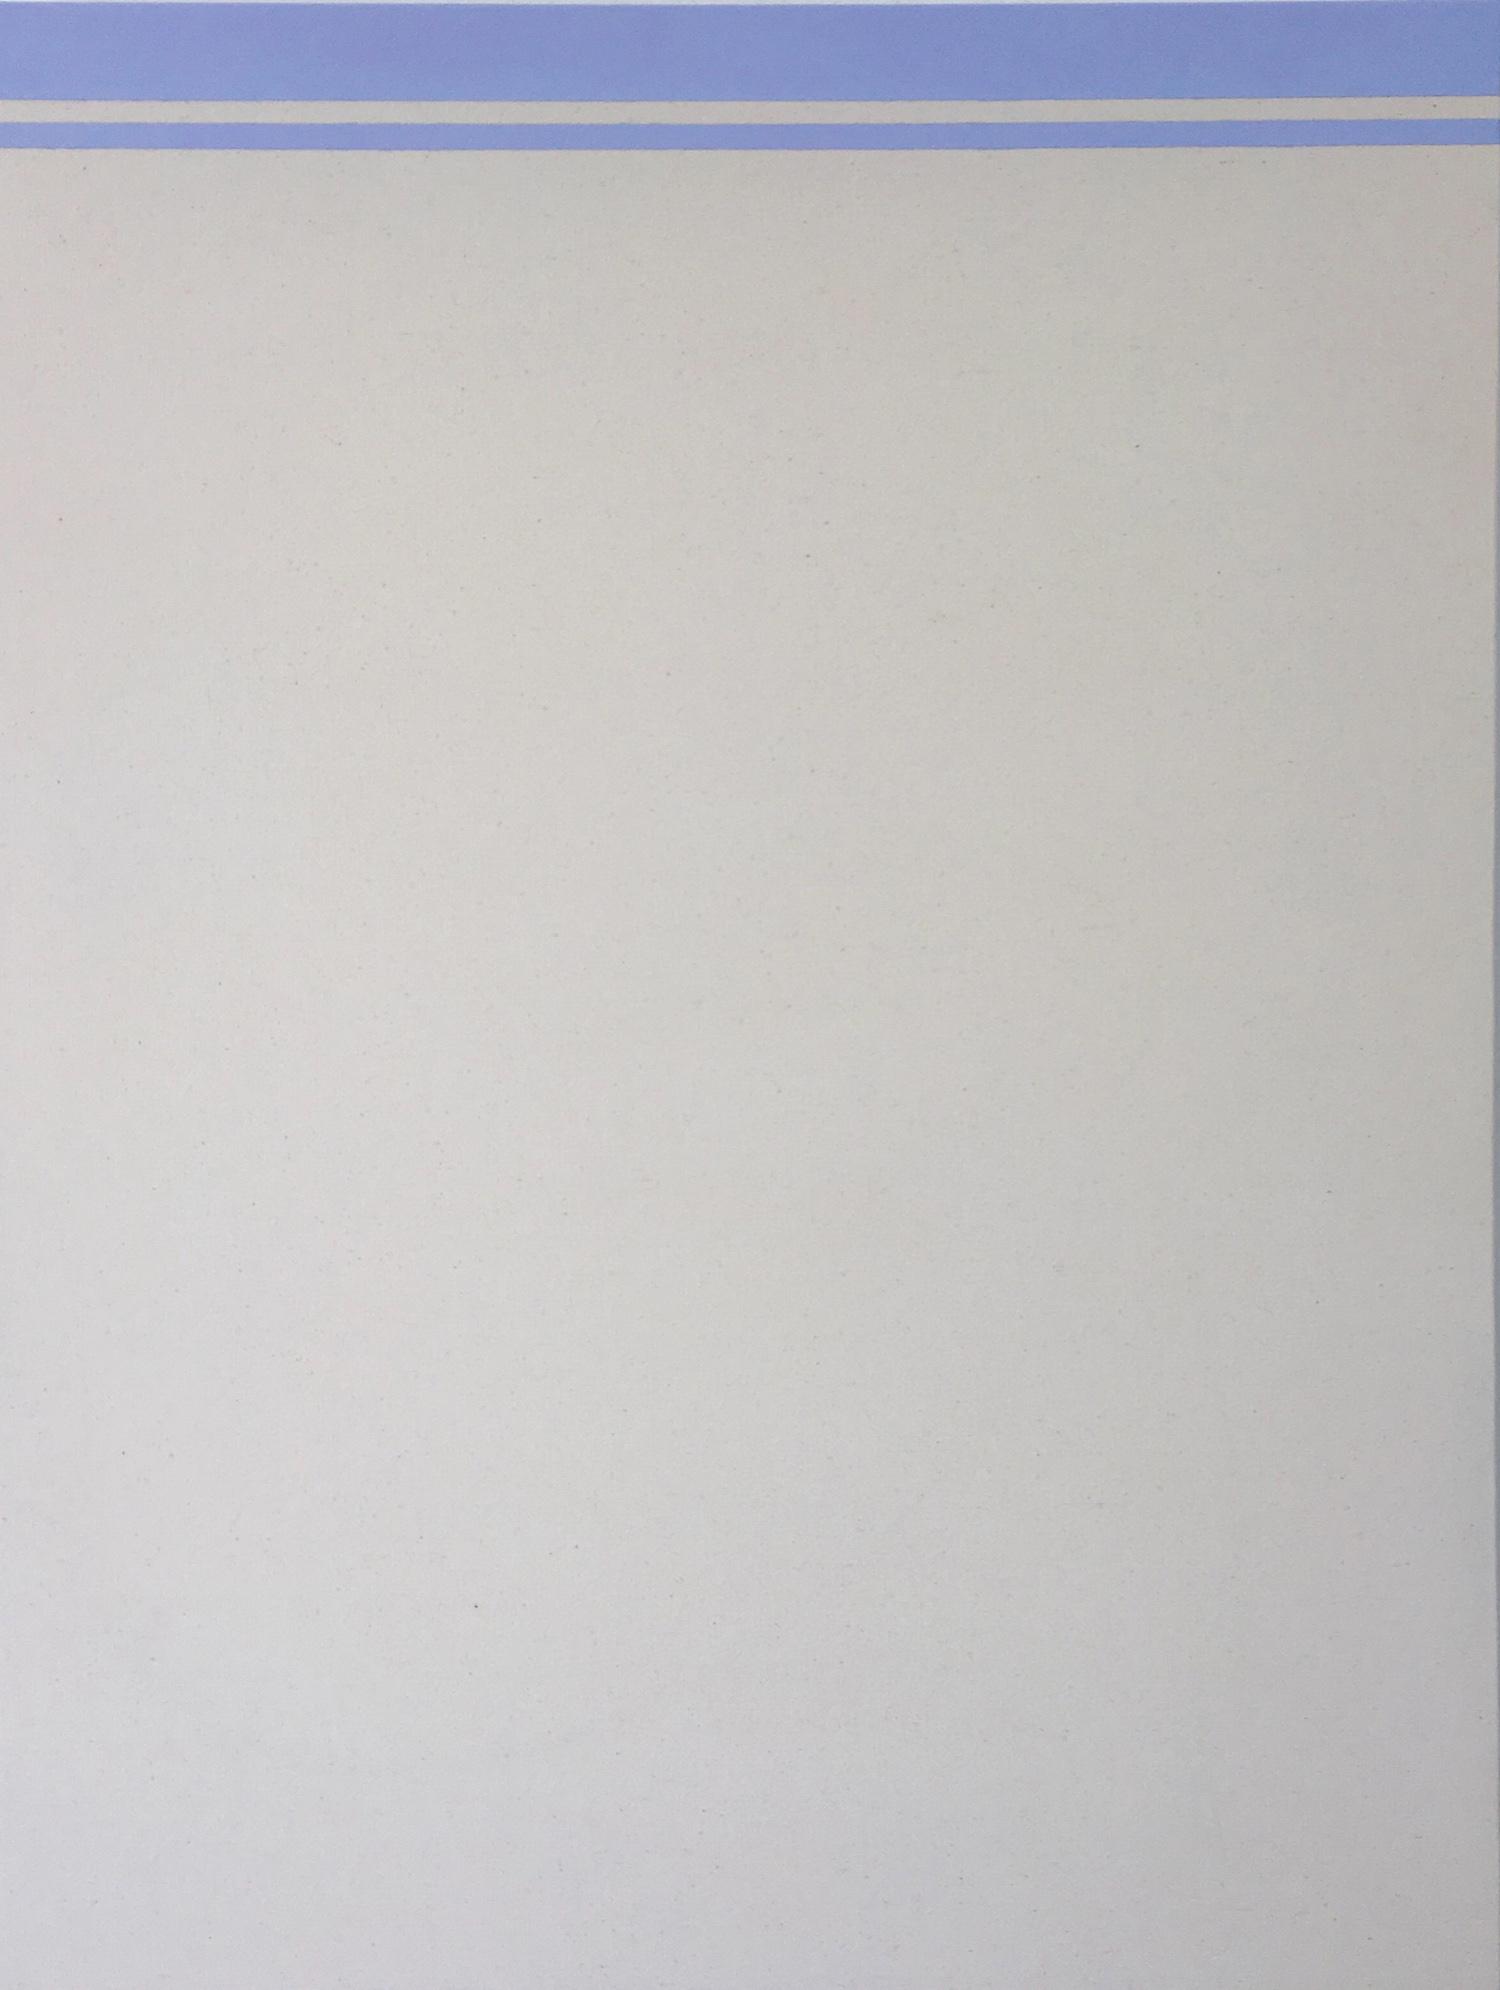 Fahd Burki  Untitled 3 2018 Acrylic gesso on canvas 84 x 64 cm